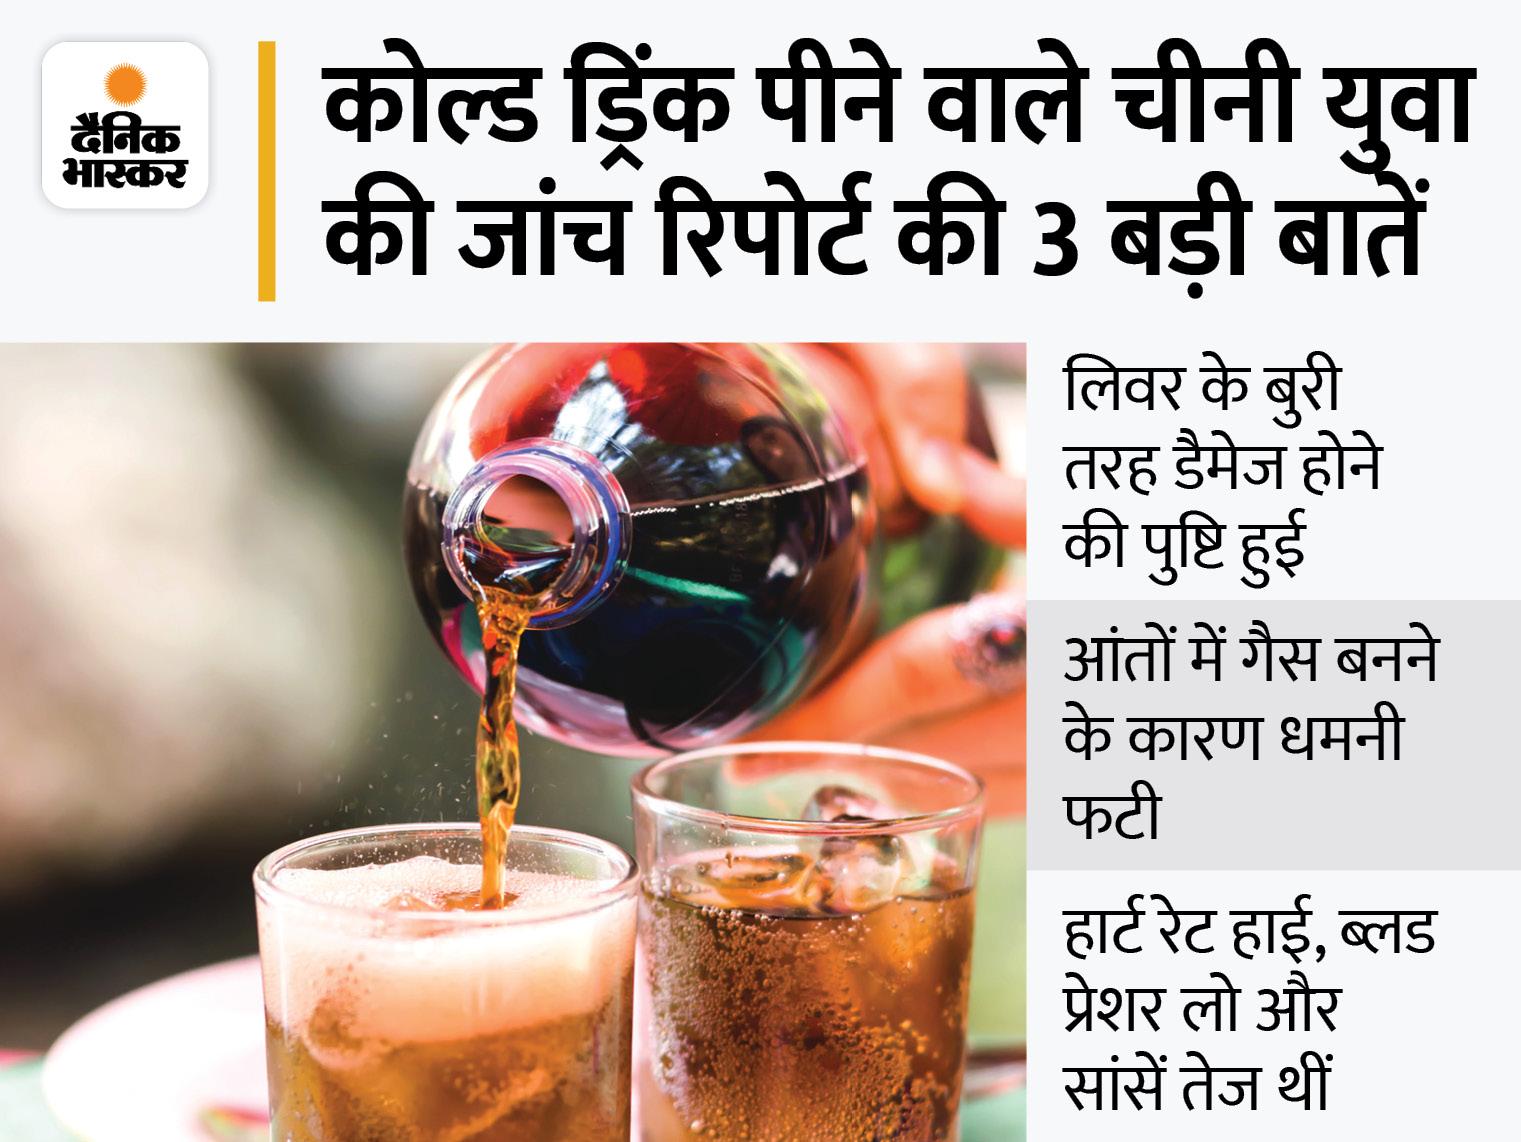 22 साल के शख्स ने 10 मिनट में डेढ़ लीटर कोल्ड ड्रिंक पी, पेट में गैस बनने से धमनी फटी और लिवर डैमेज हुआ; पढ़ें पूरा मामला|लाइफ & साइंस,Happy Life - Dainik Bhaskar